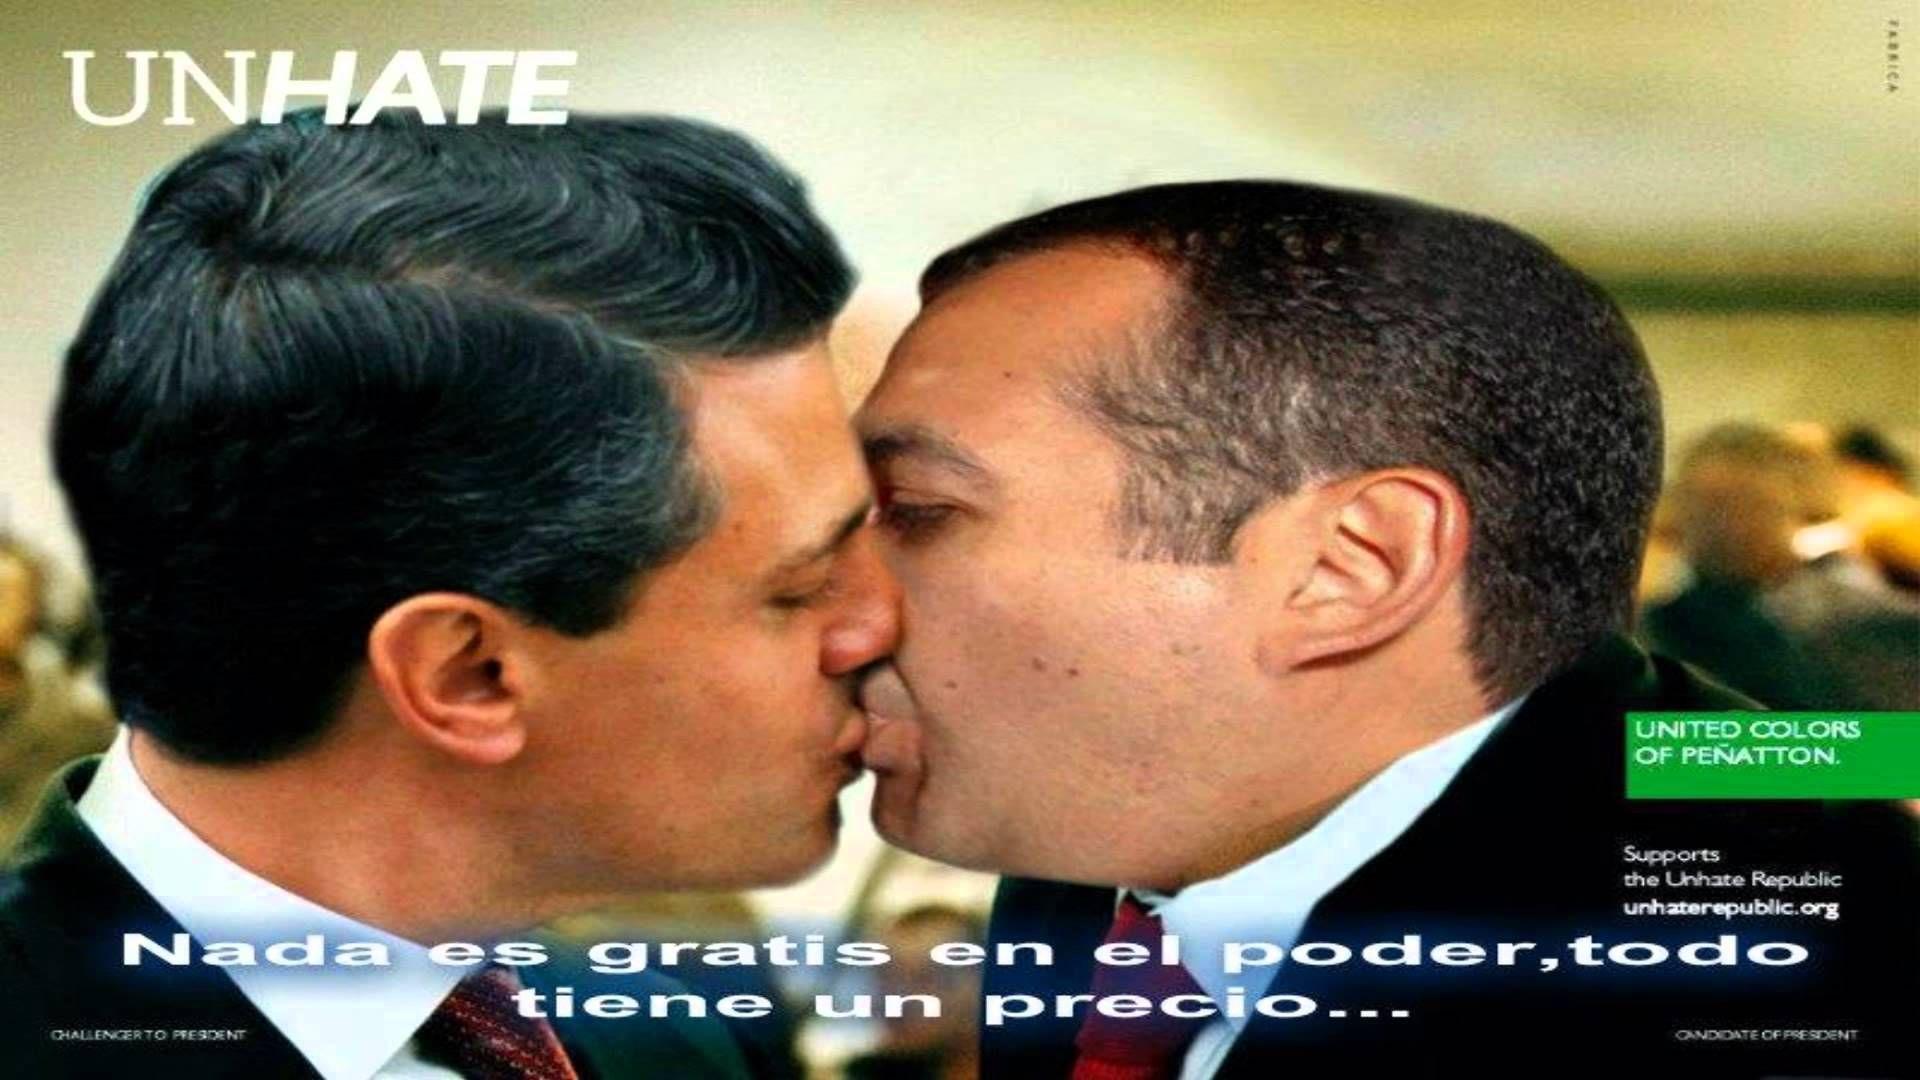 Enrique pe a nieto besando a otro hombre ayotzinapa iii - Un hombre casado vuelve a buscar a su amante ...